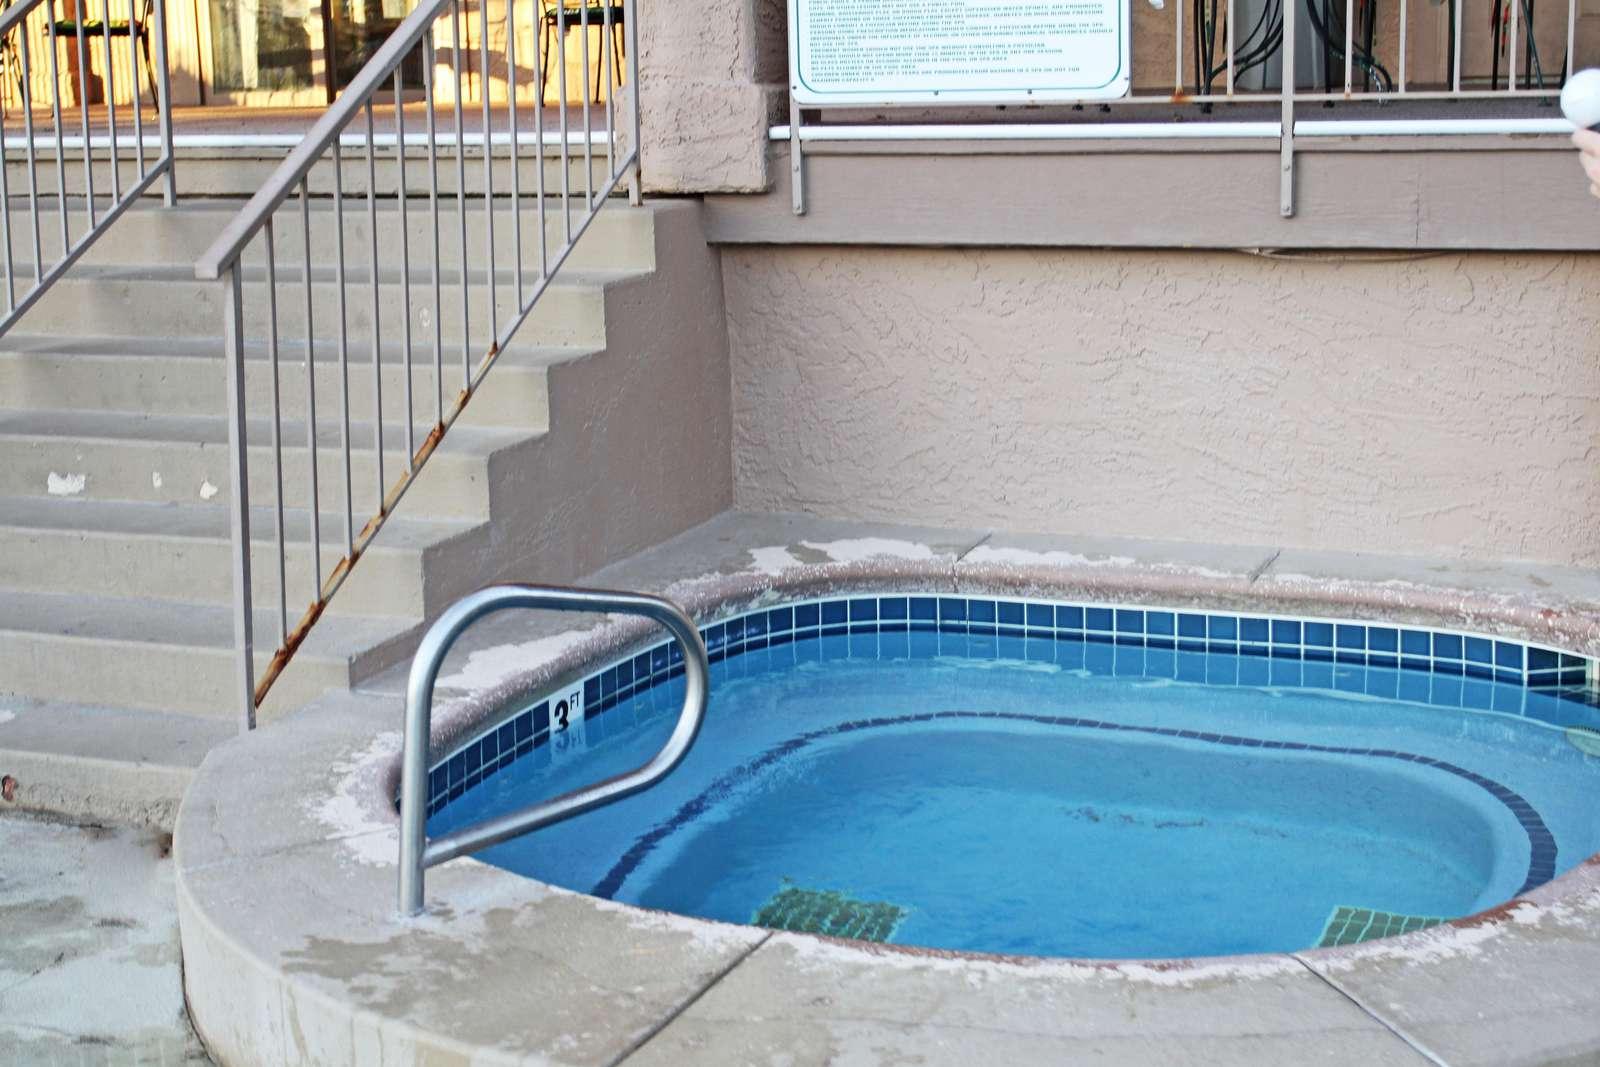 Hot Tub at Family Pool